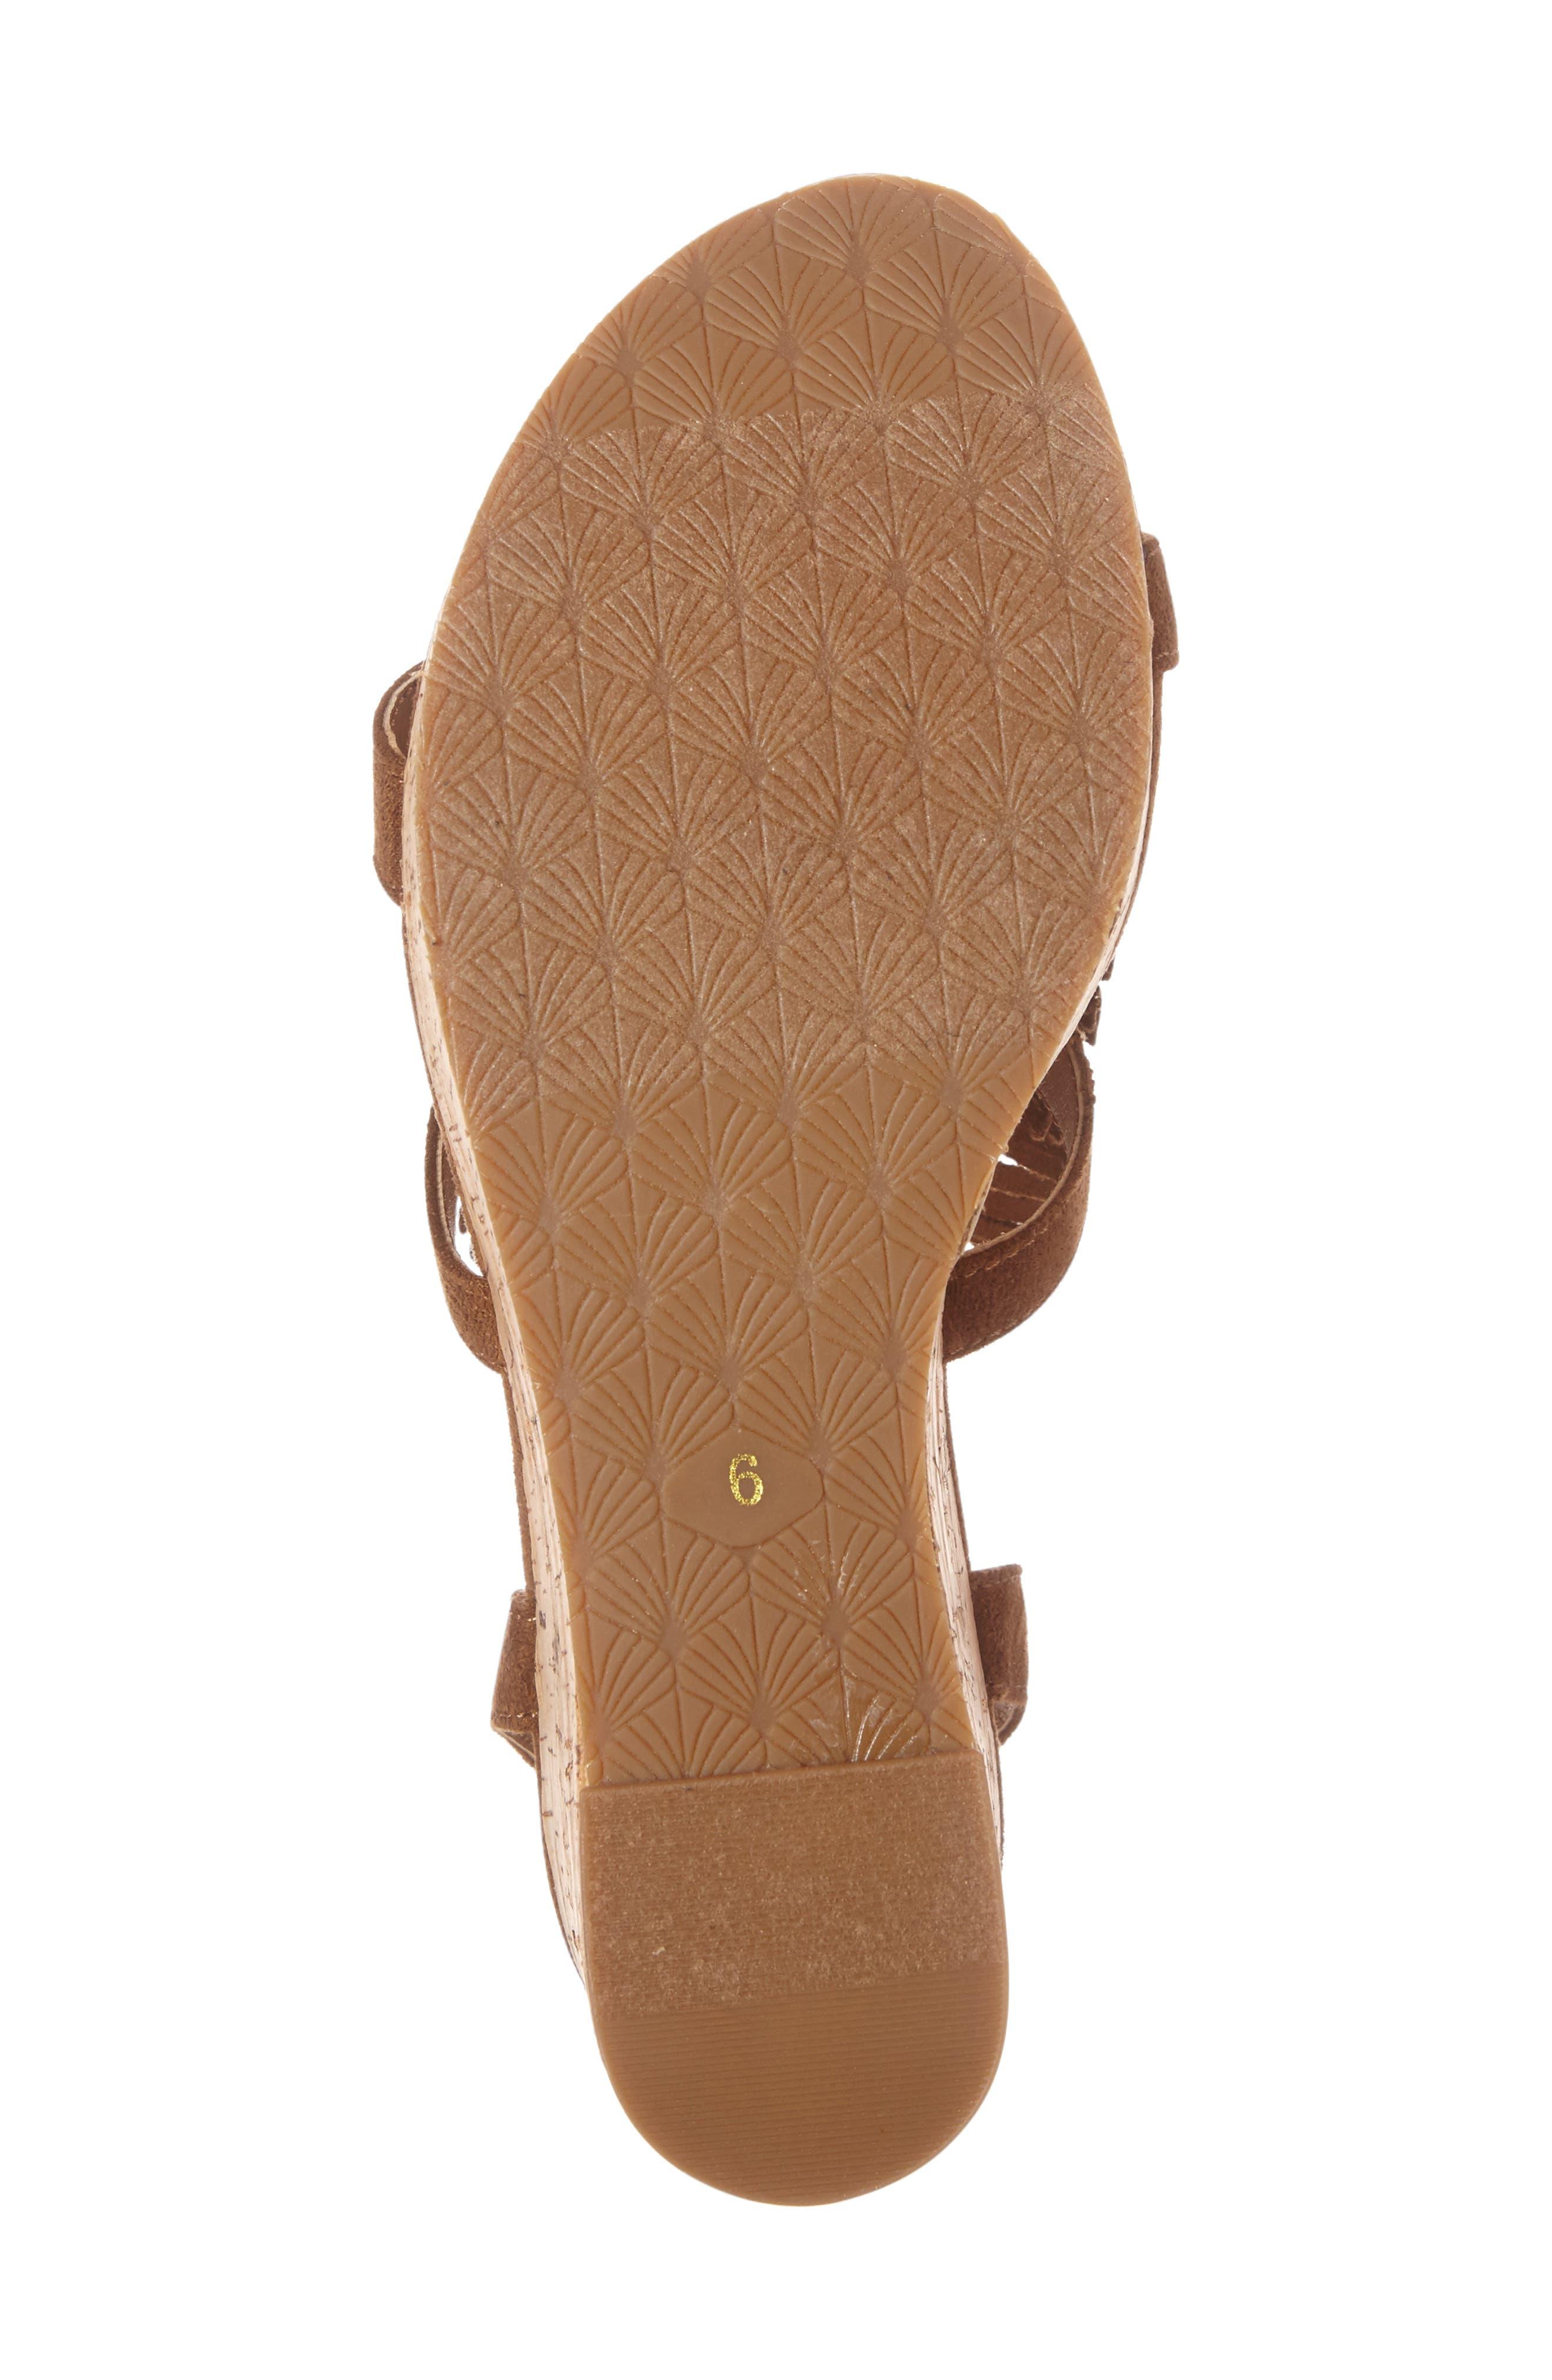 Unbridled Lolita Wedge Sandal,                             Alternate thumbnail 4, color,                             Light Cognac Suede